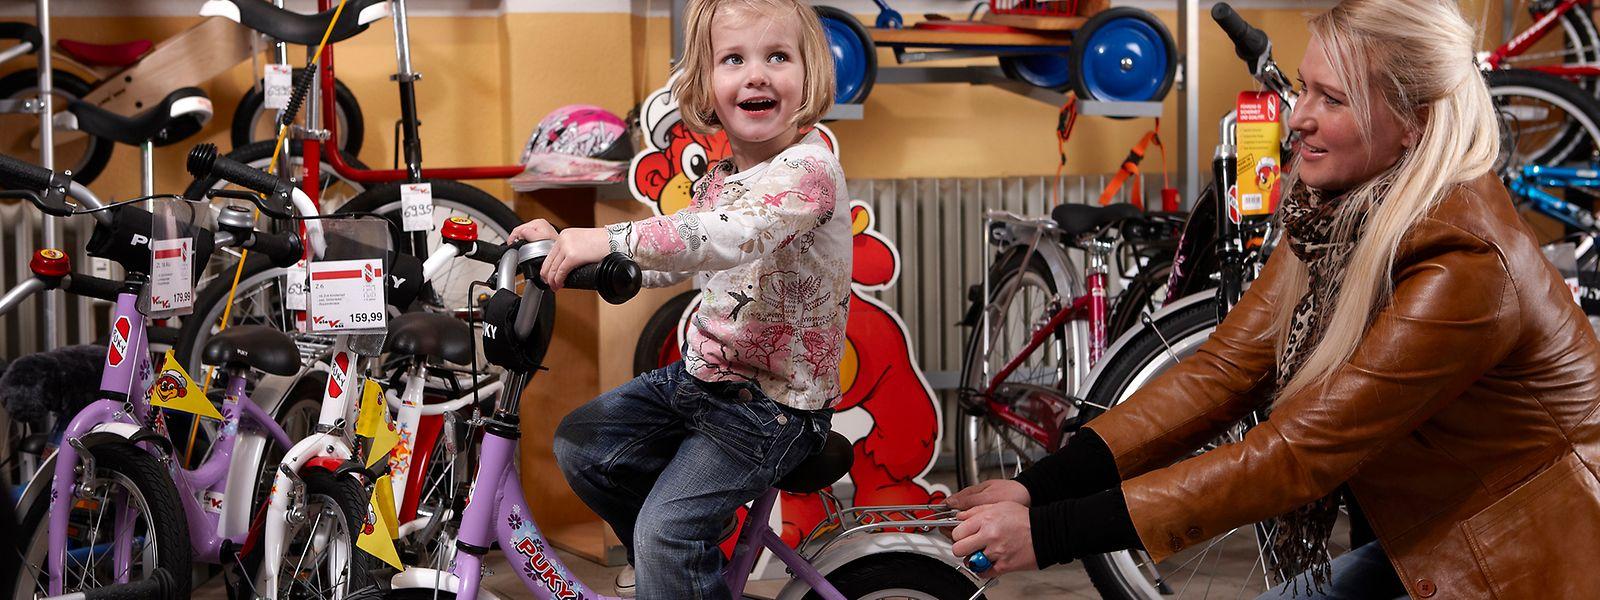 Wenn das Fahrrad auch dem Kind optisch gut gefällt, wird es dieses auch lieber fahren wollen.